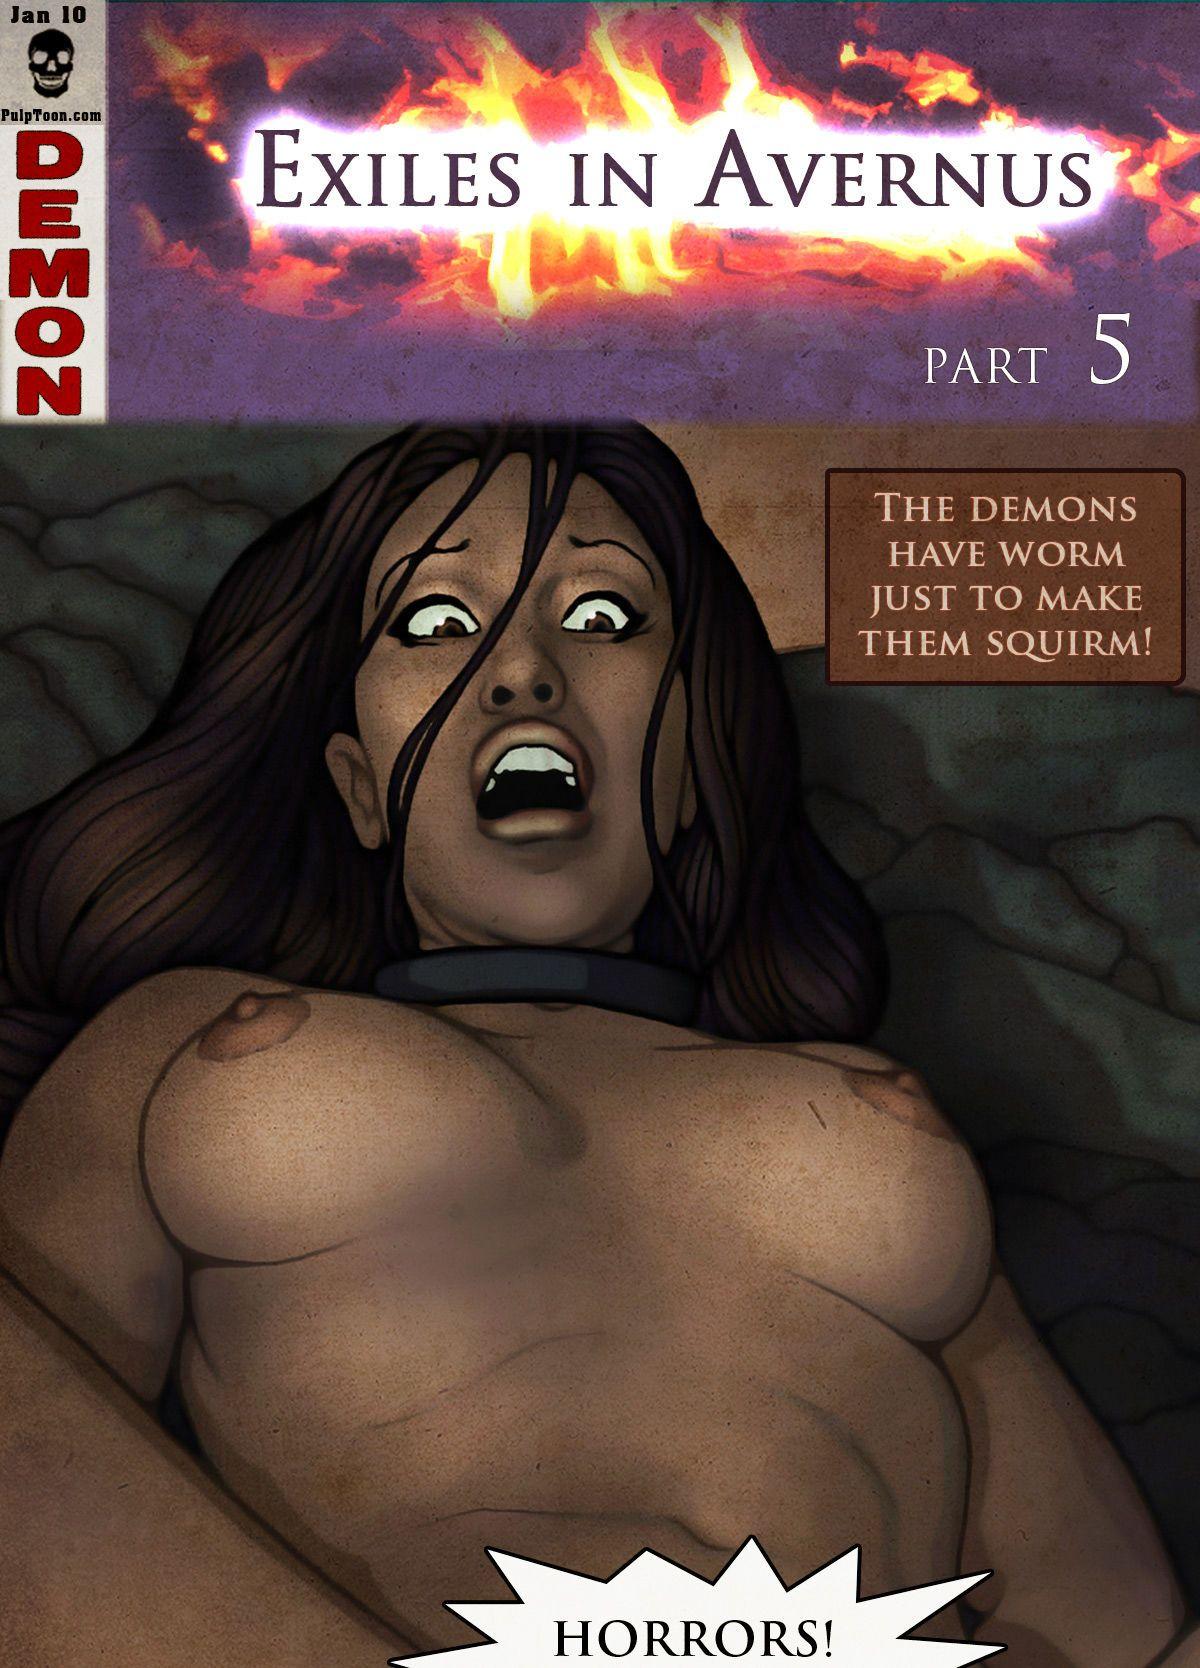 Jeff Fairbourn Exiles in Avernus #4 & #5